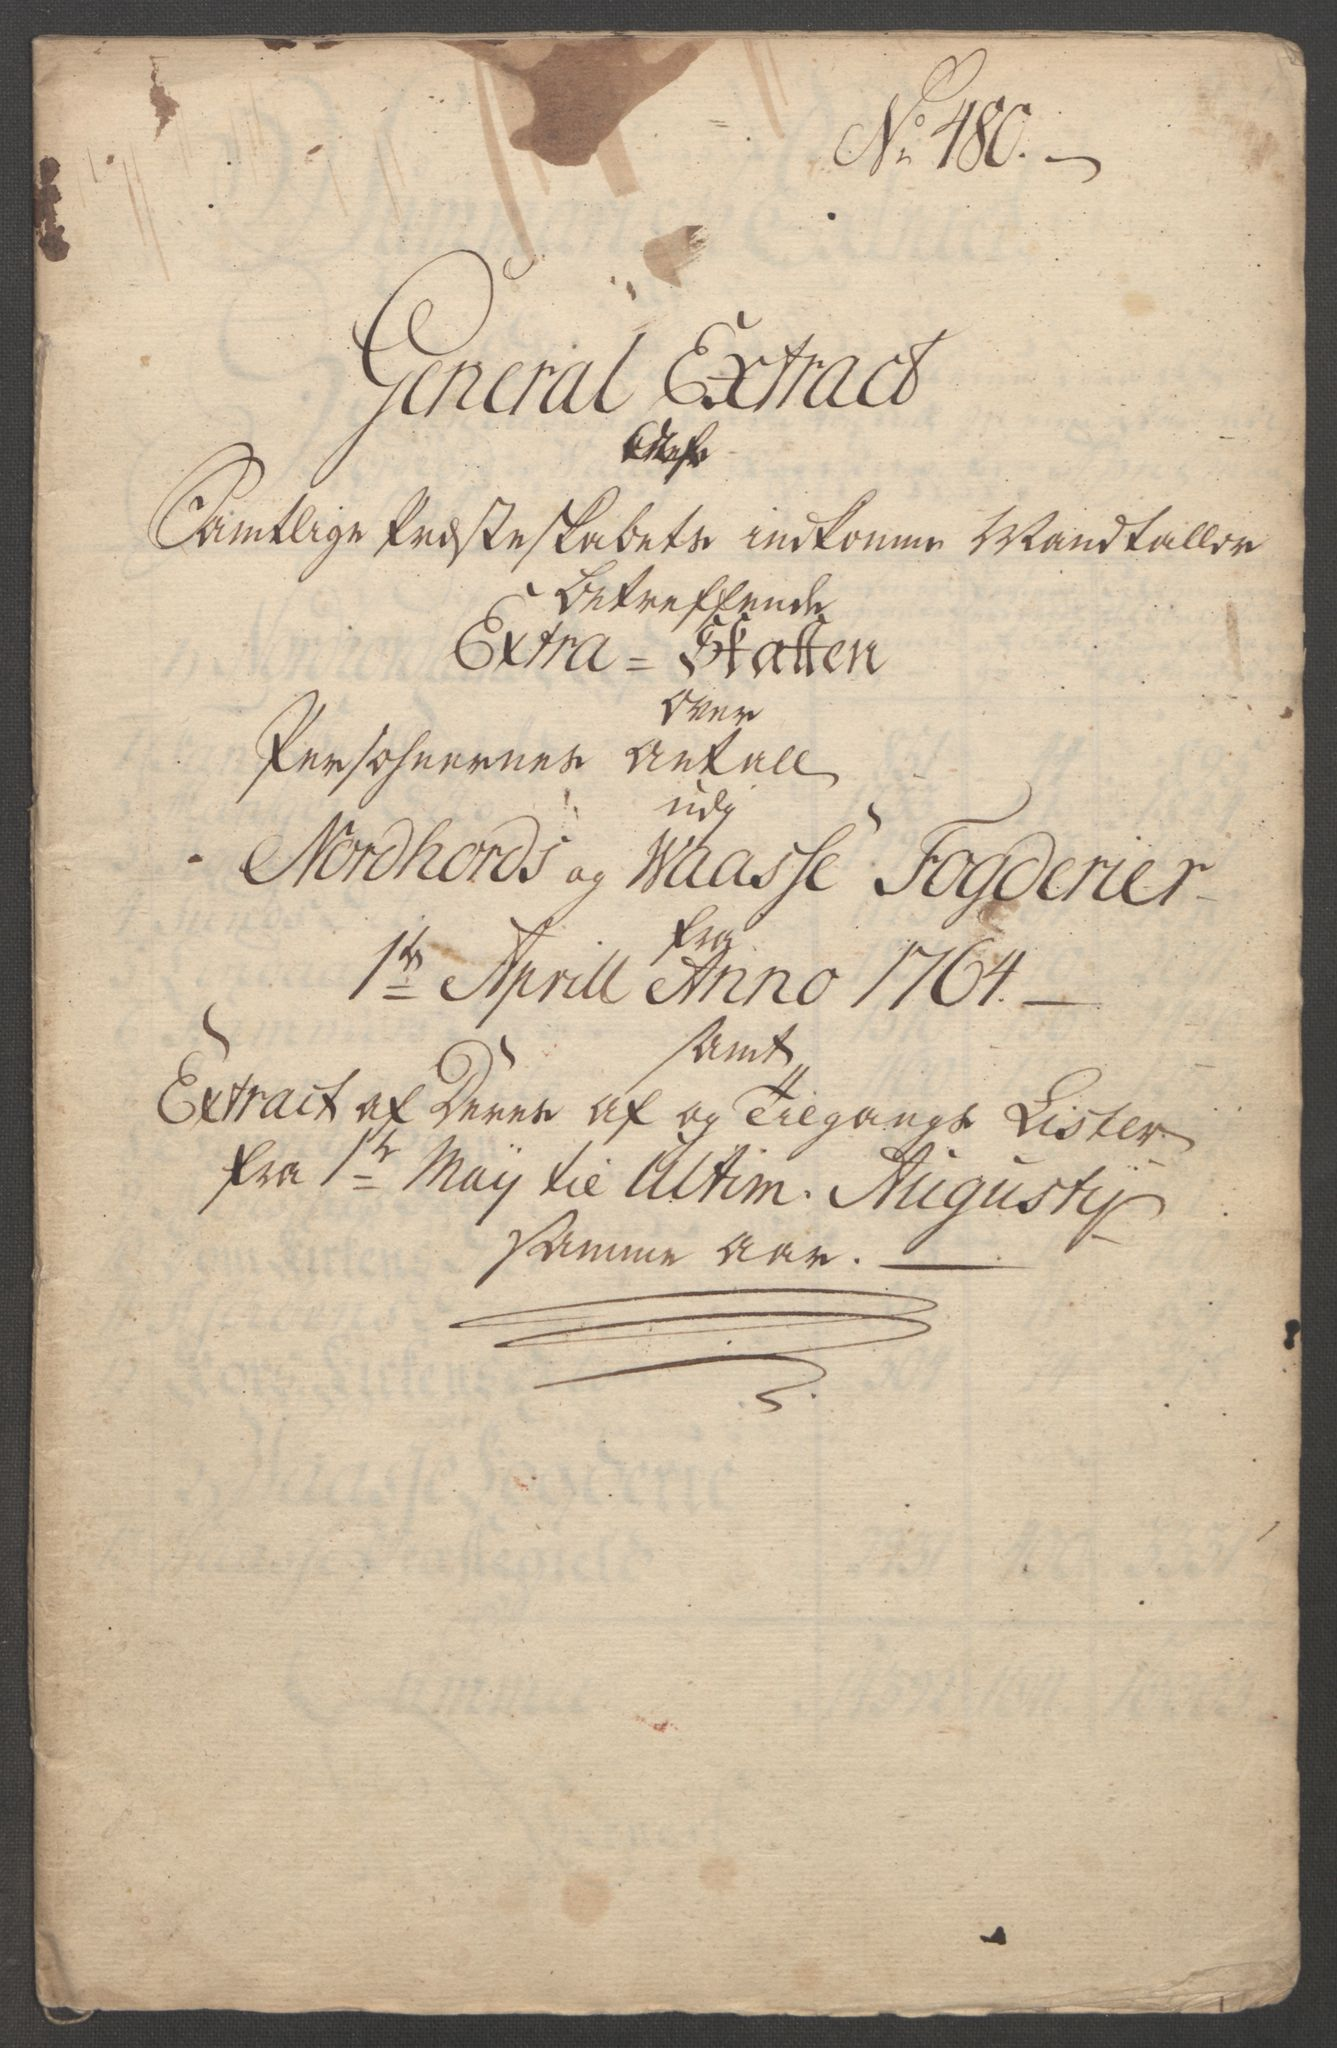 RA, Rentekammeret inntil 1814, Reviderte regnskaper, Fogderegnskap, R51/L3303: Ekstraskatten Nordhordland og Voss, 1762-1772, s. 467